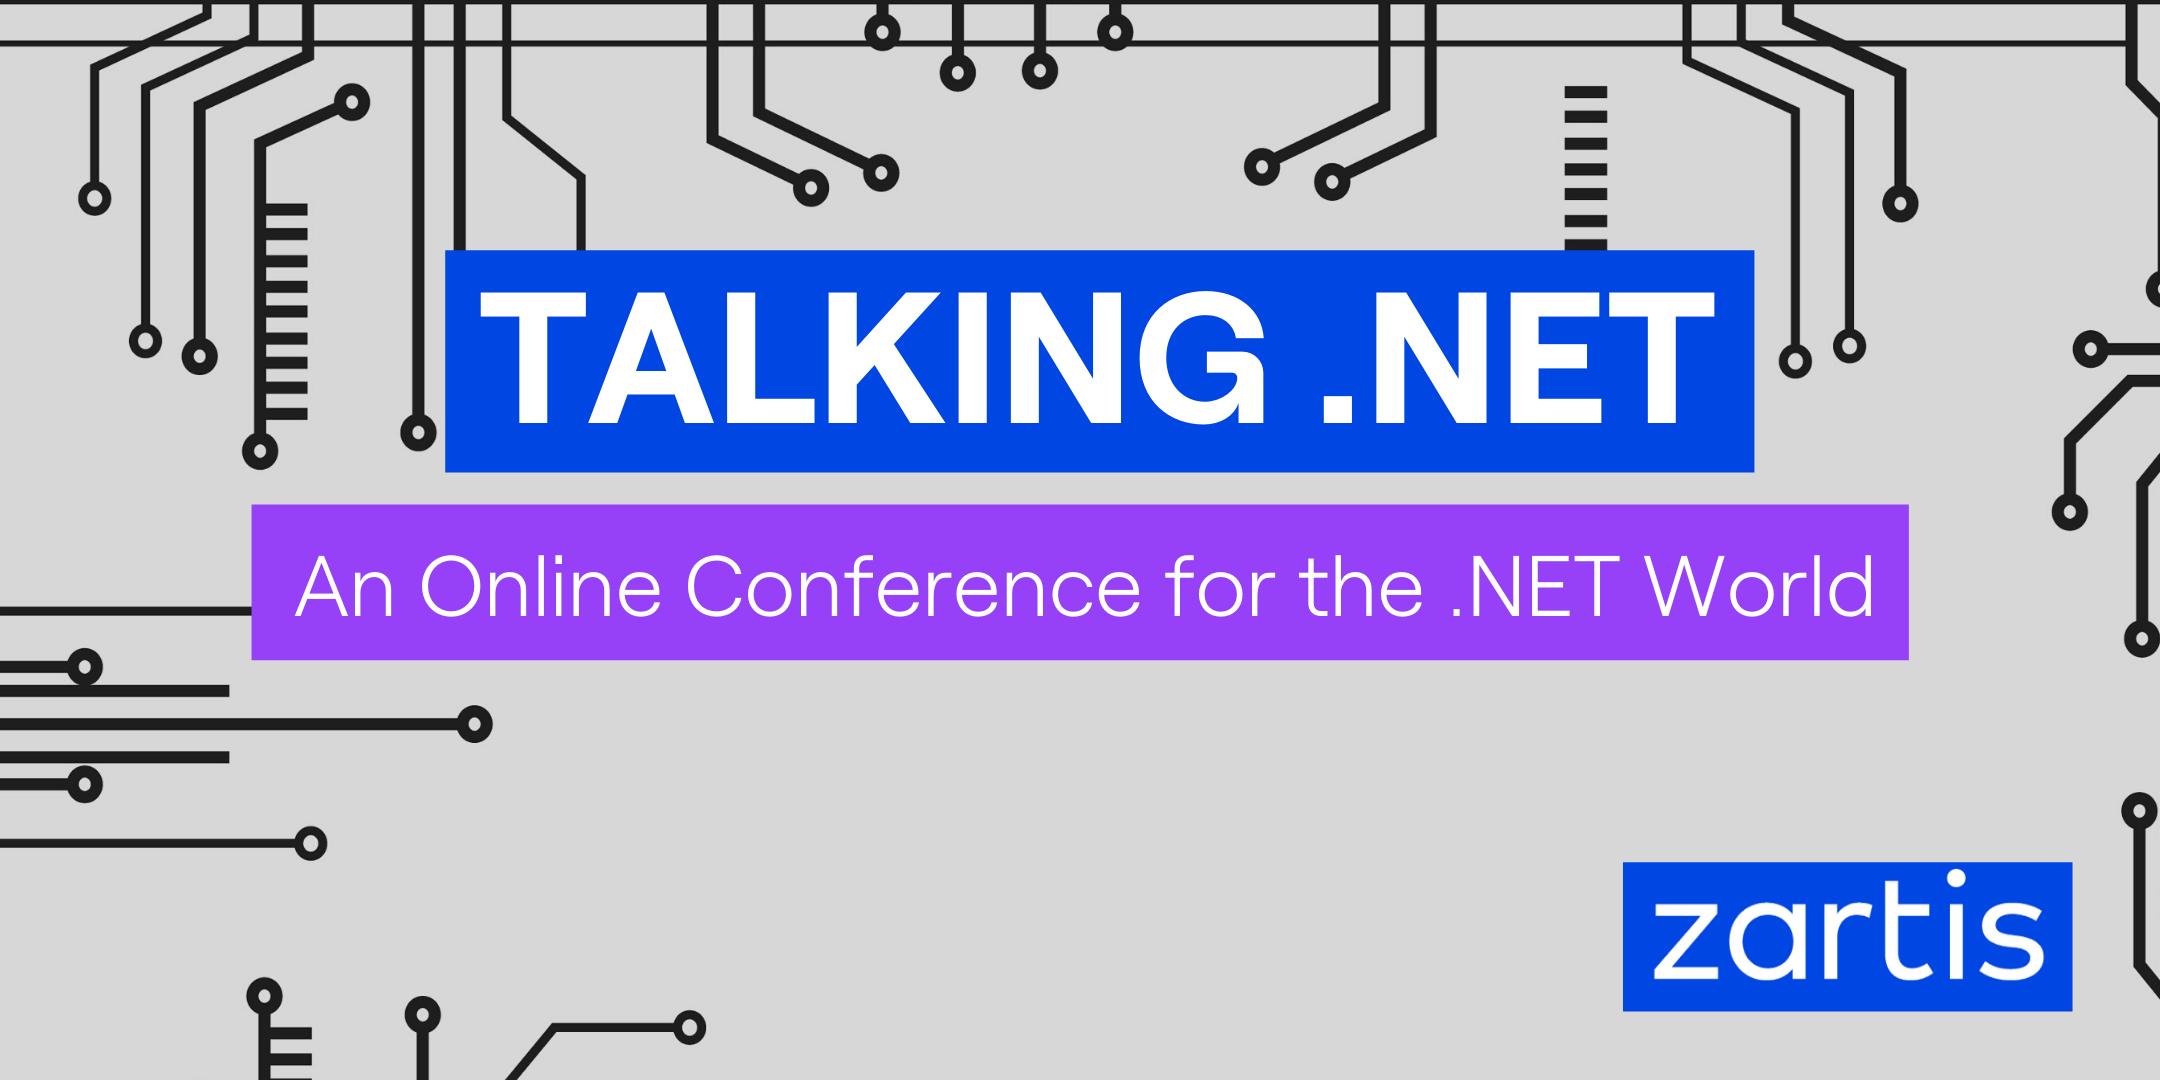 Talking .Net - eventbrite banner (10)